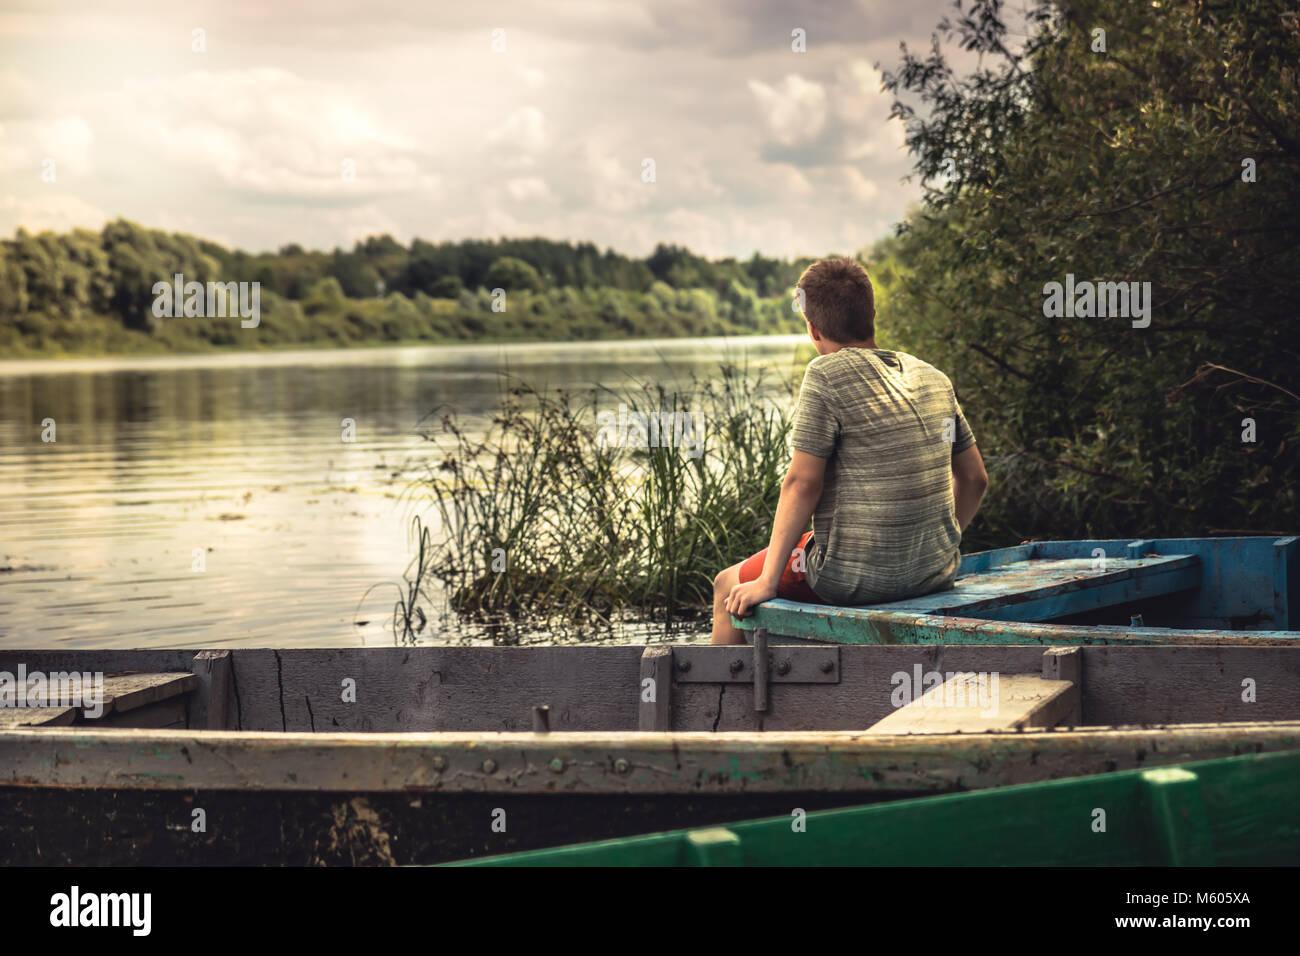 Ragazzo adolescente solitaria contemplazione uno scenario paesaggistico sulla barca fluviale durante la campagna Immagini Stock